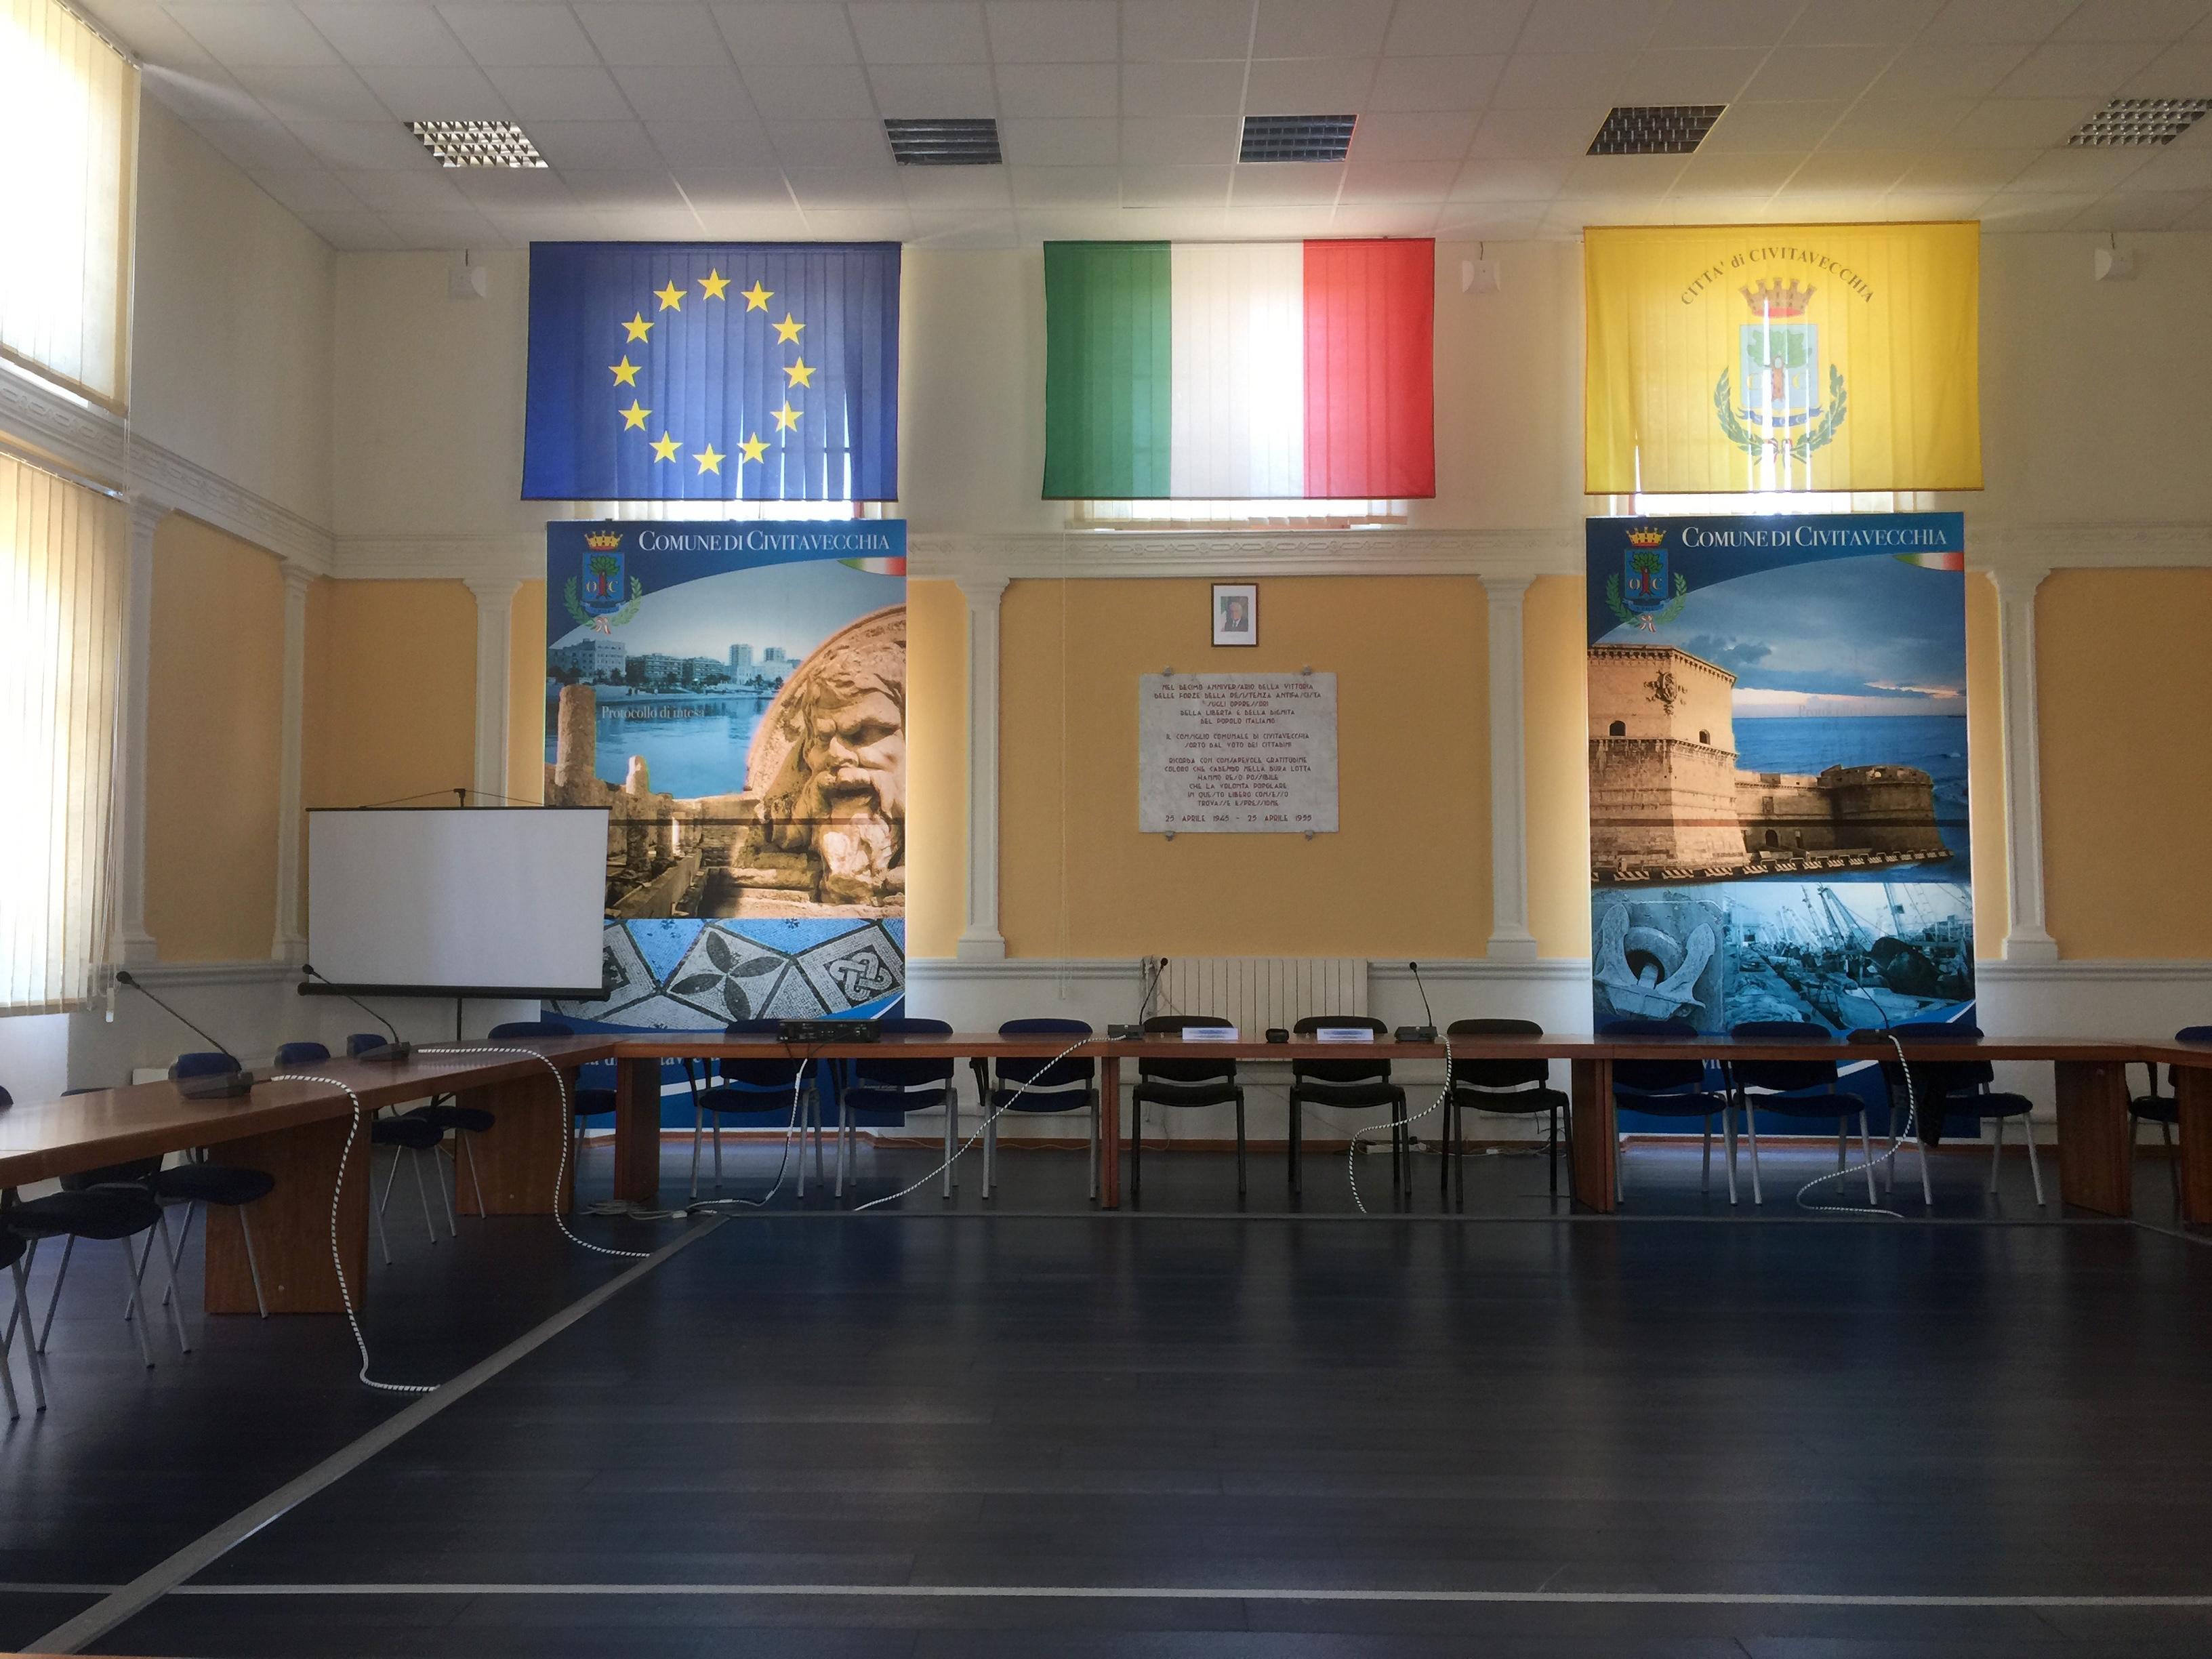 """Emanuele La Rosa: """"L' utilizzo dell'aula Calamatta è stato deciso dalla conferenza dei capigruppo"""""""